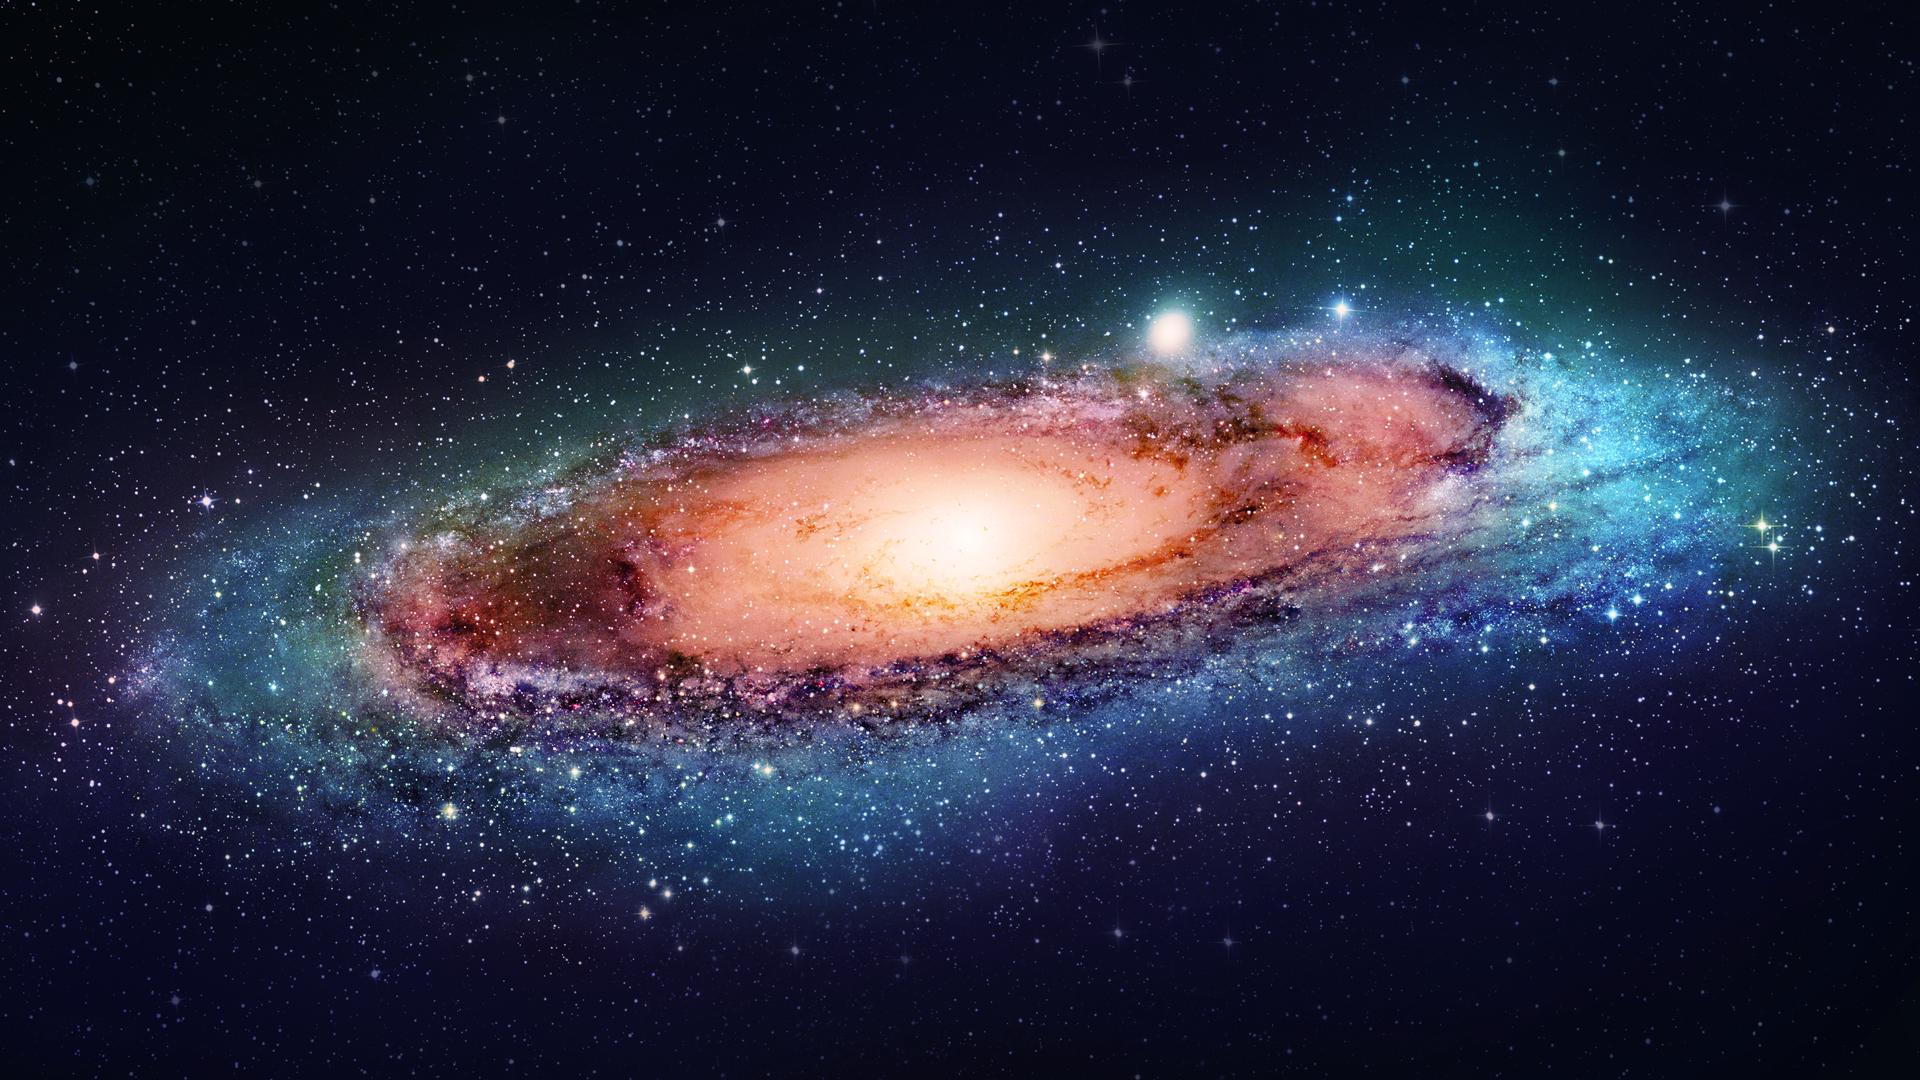 Обои космос на рабочий стол. Фото Космоса на рабочий стол ...